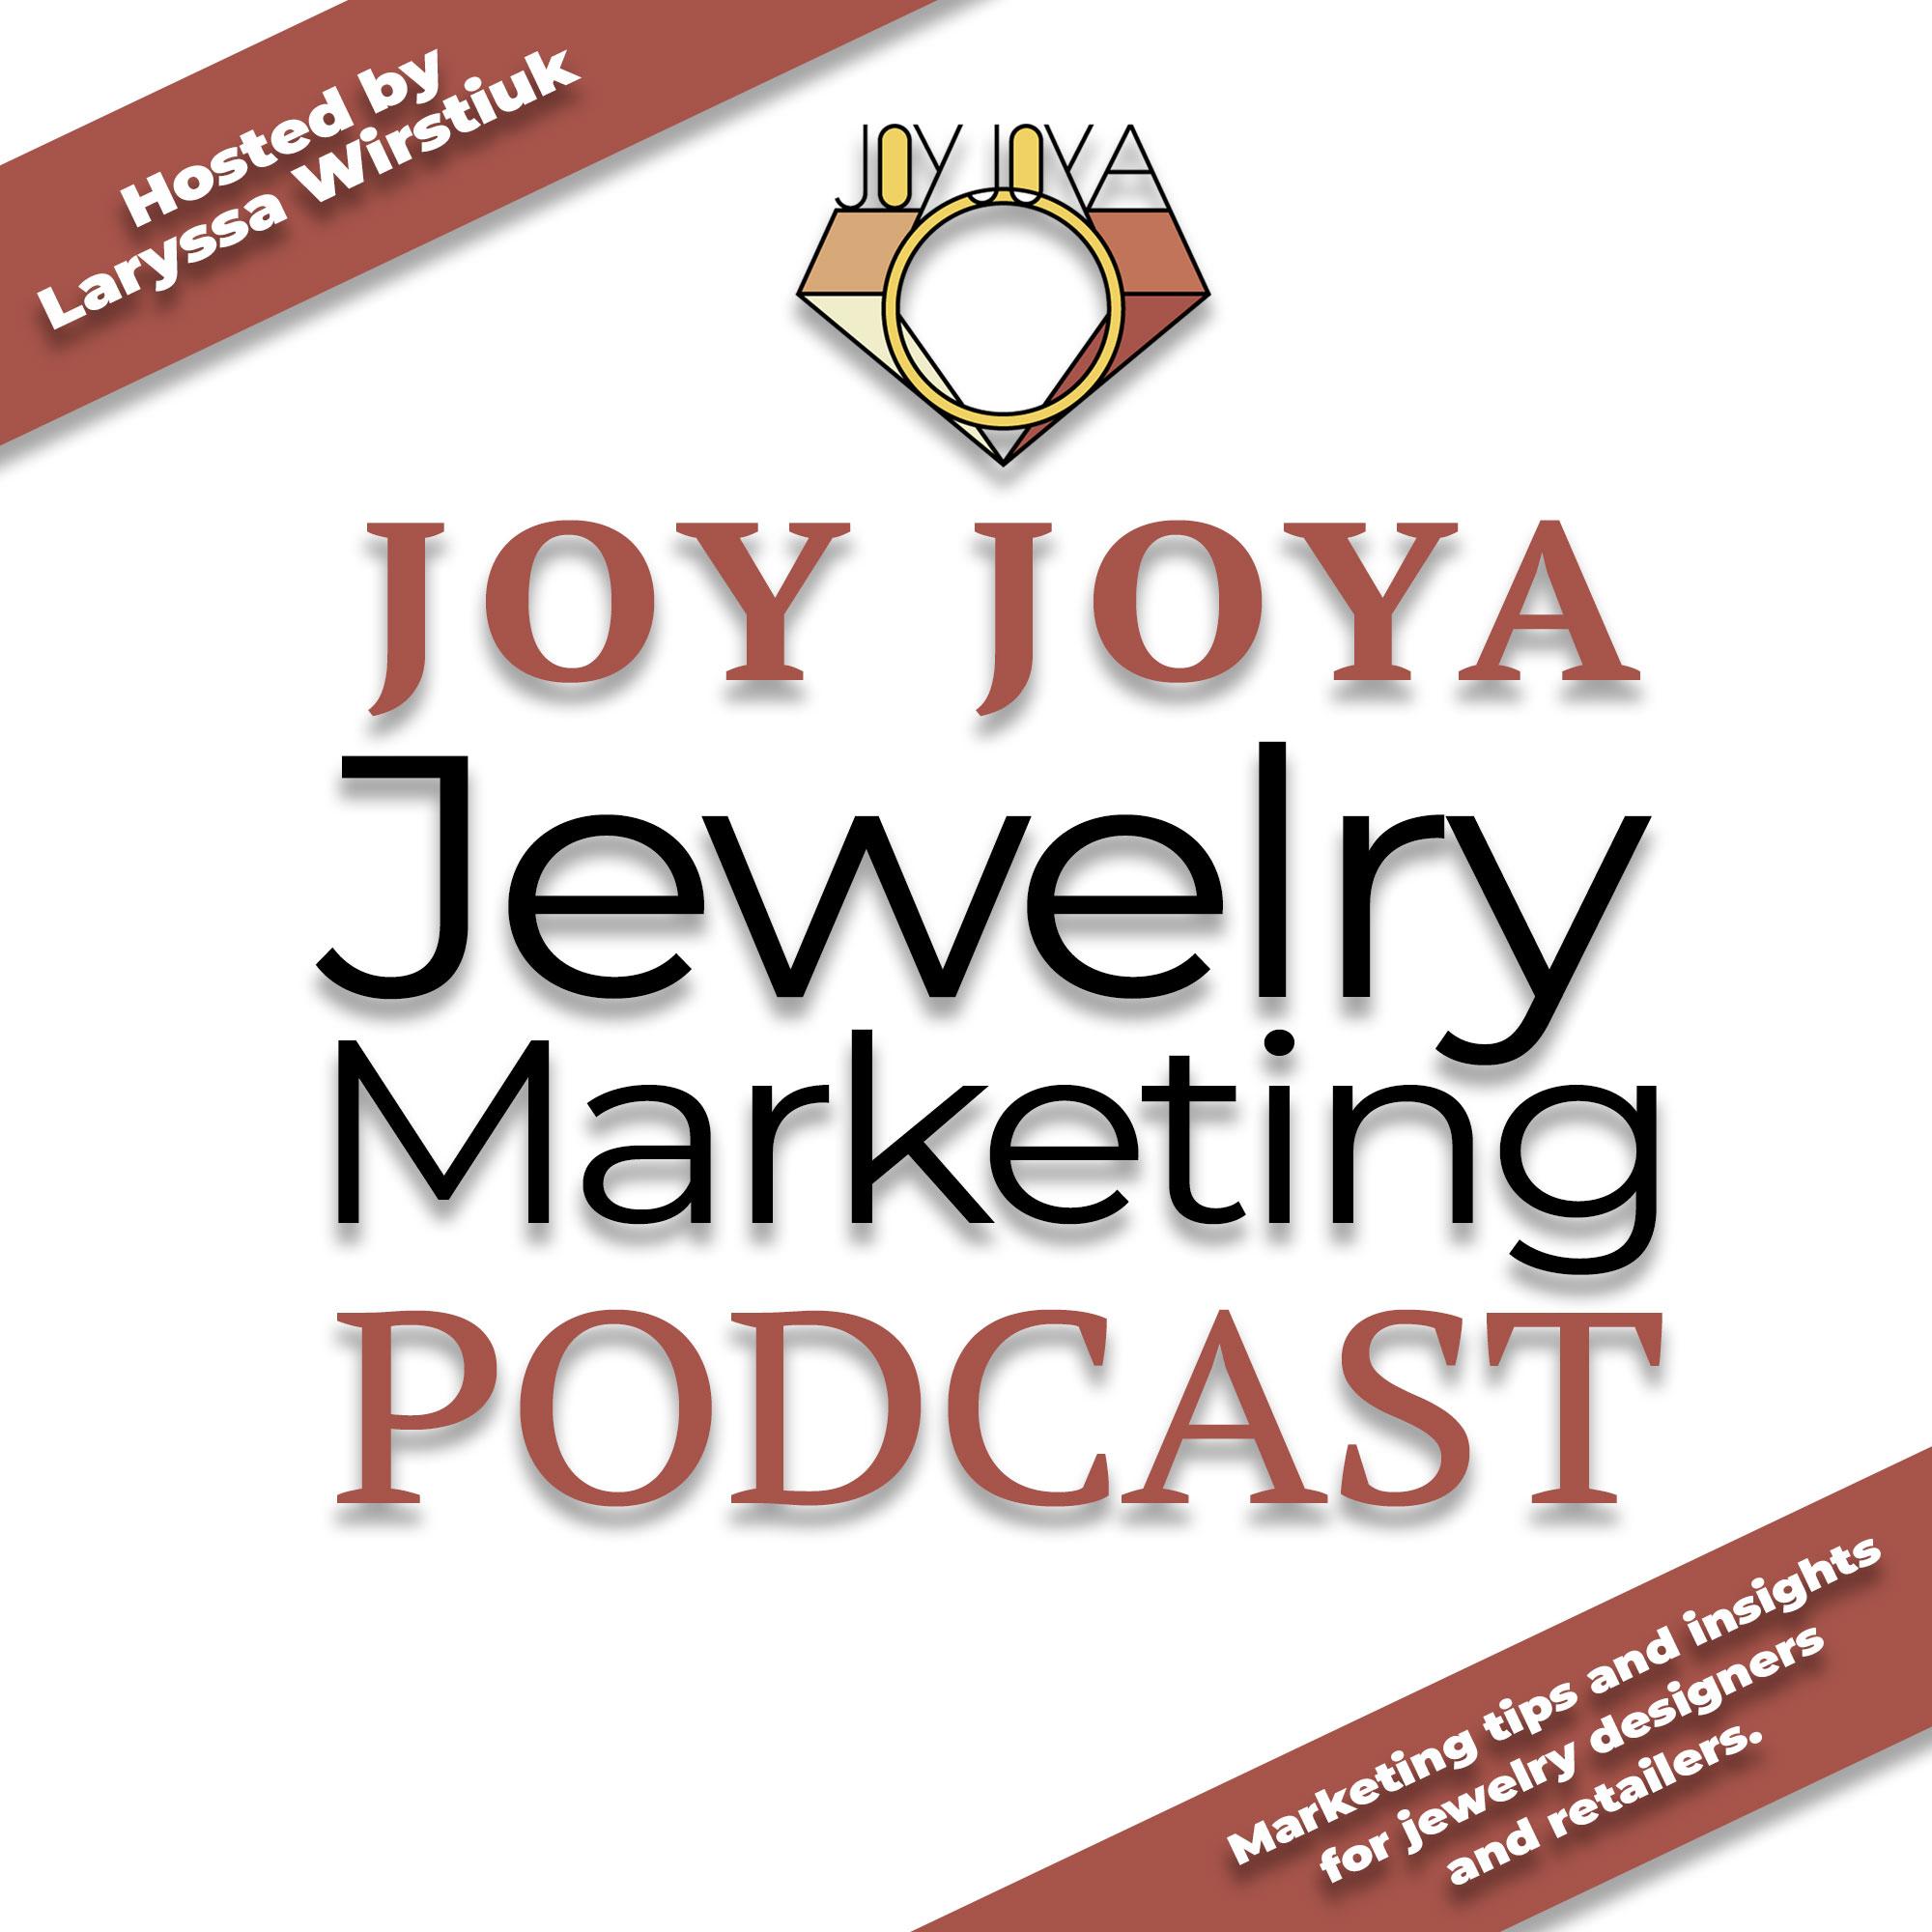 Joy Joya Jewelry Marketing Podcast show art